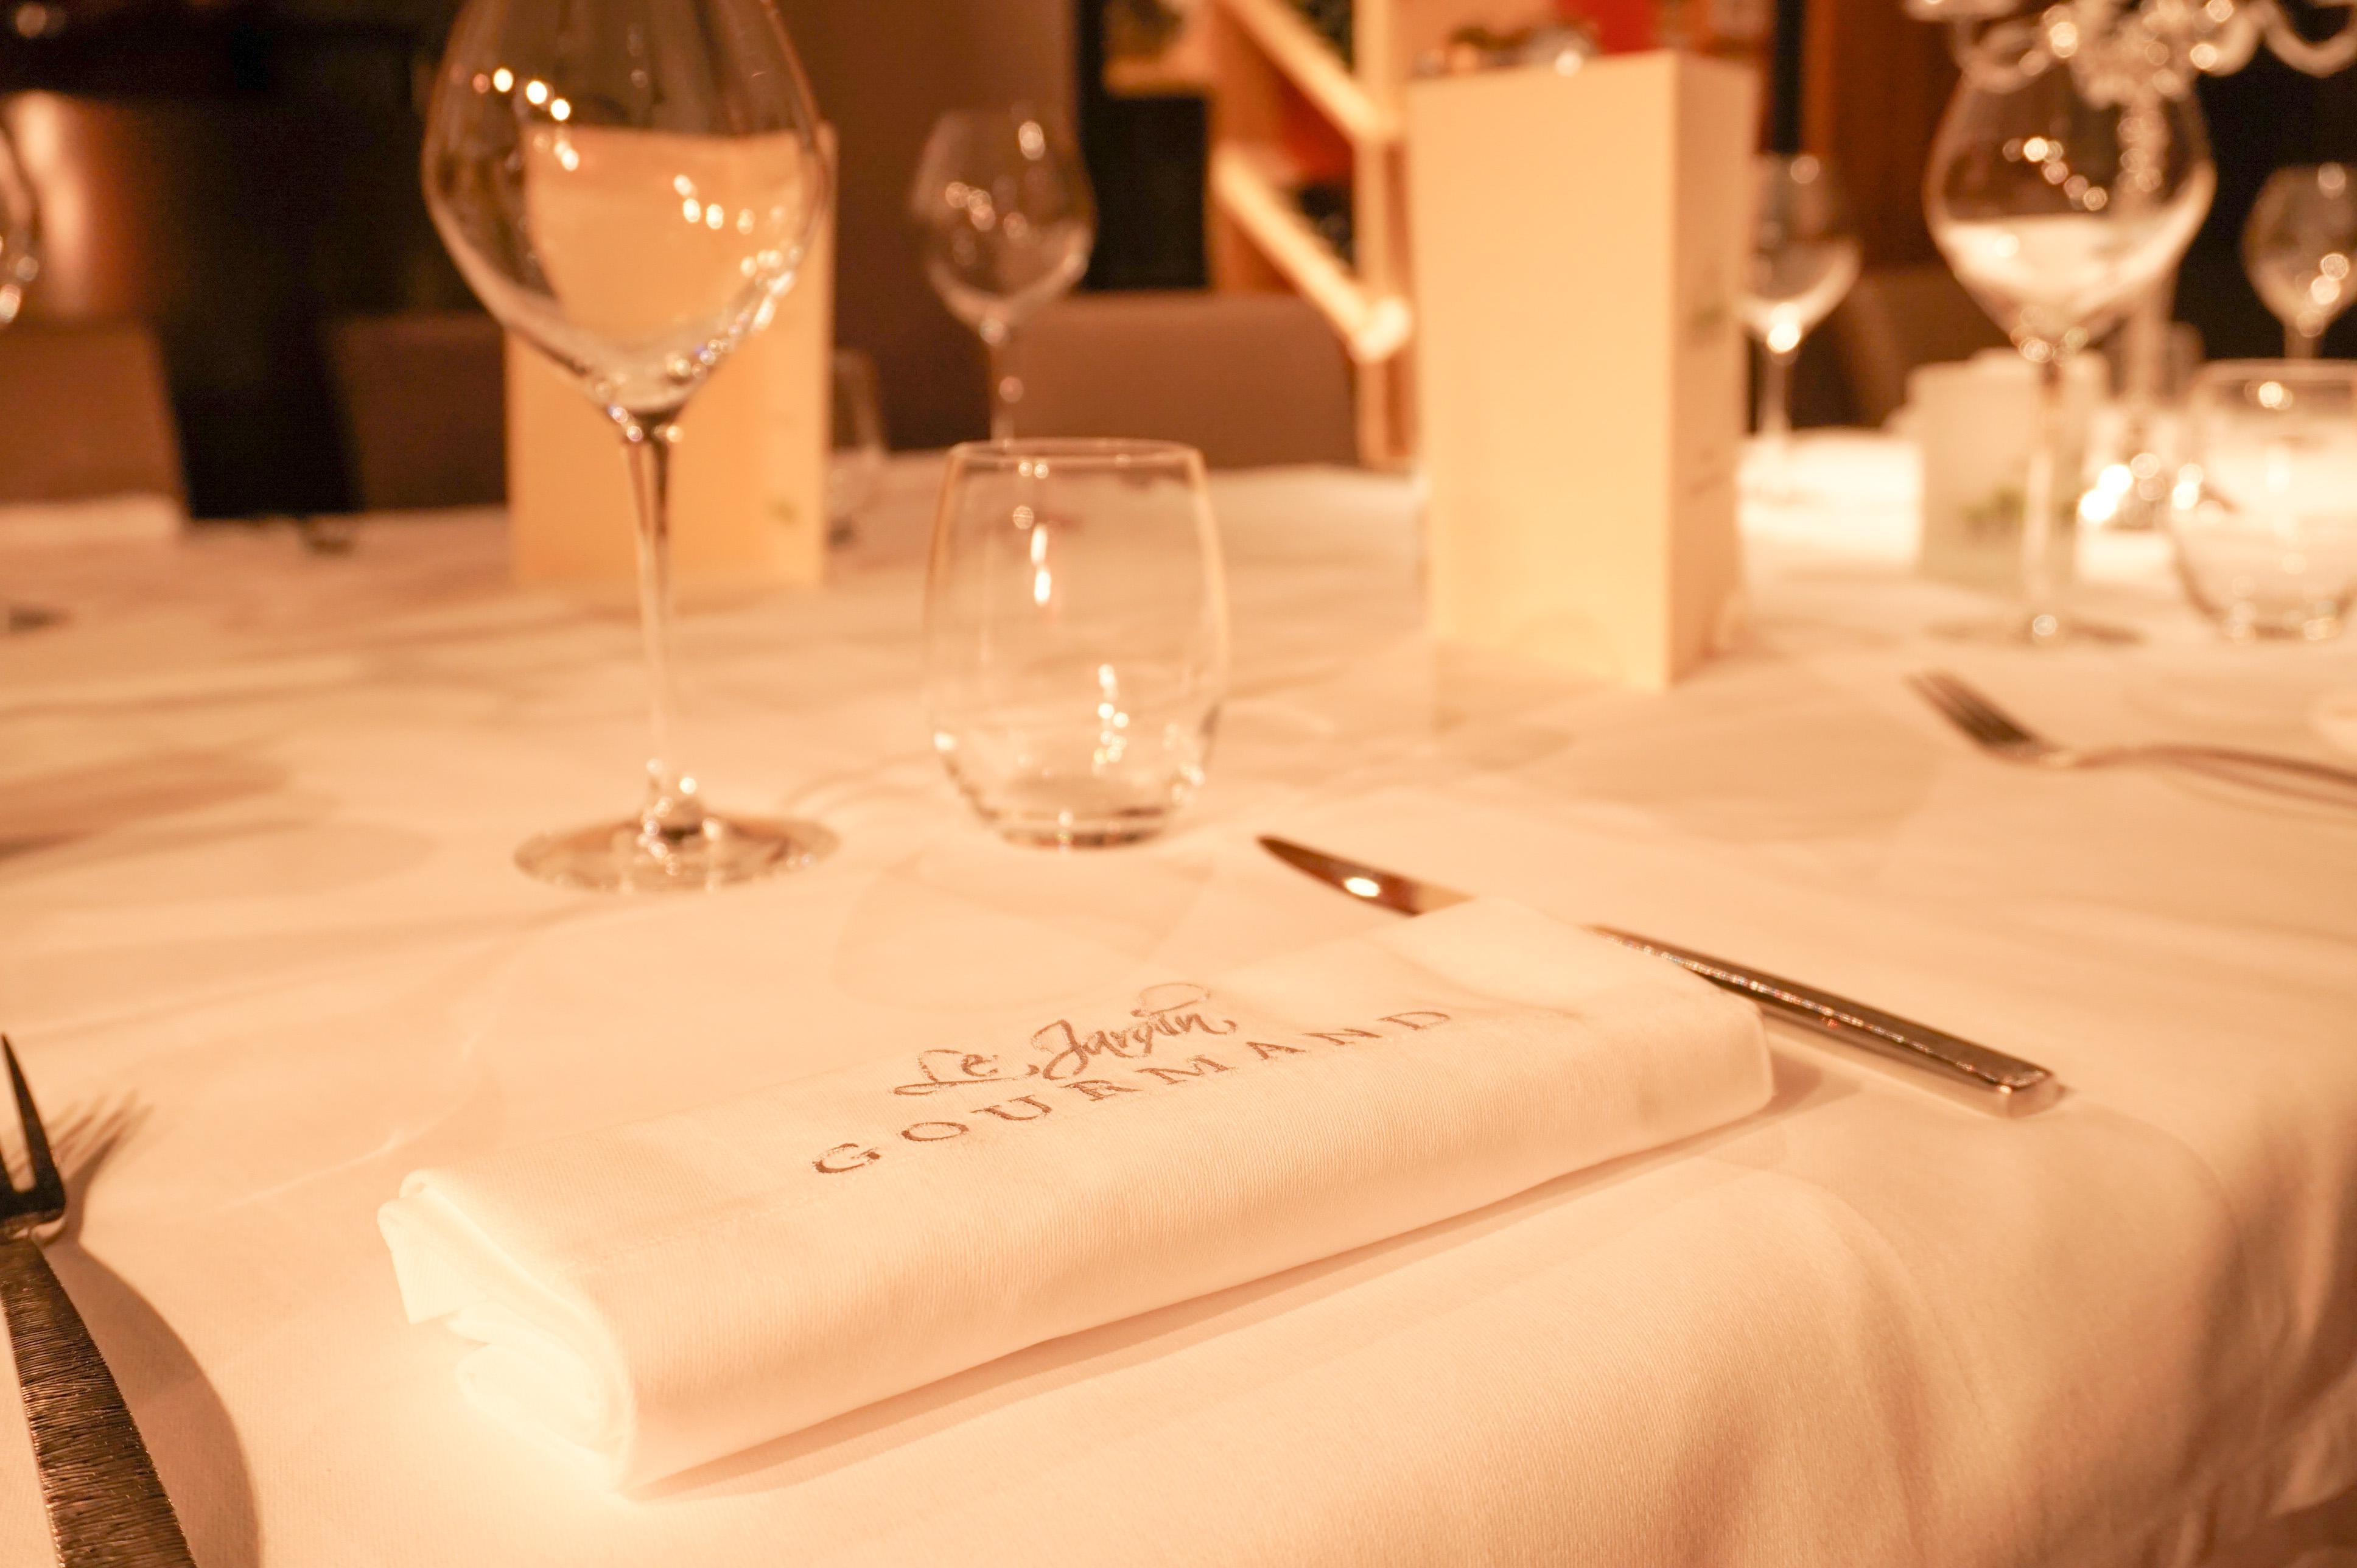 repas bistronomique au resaturant le Jardin gourmand près de Lyon